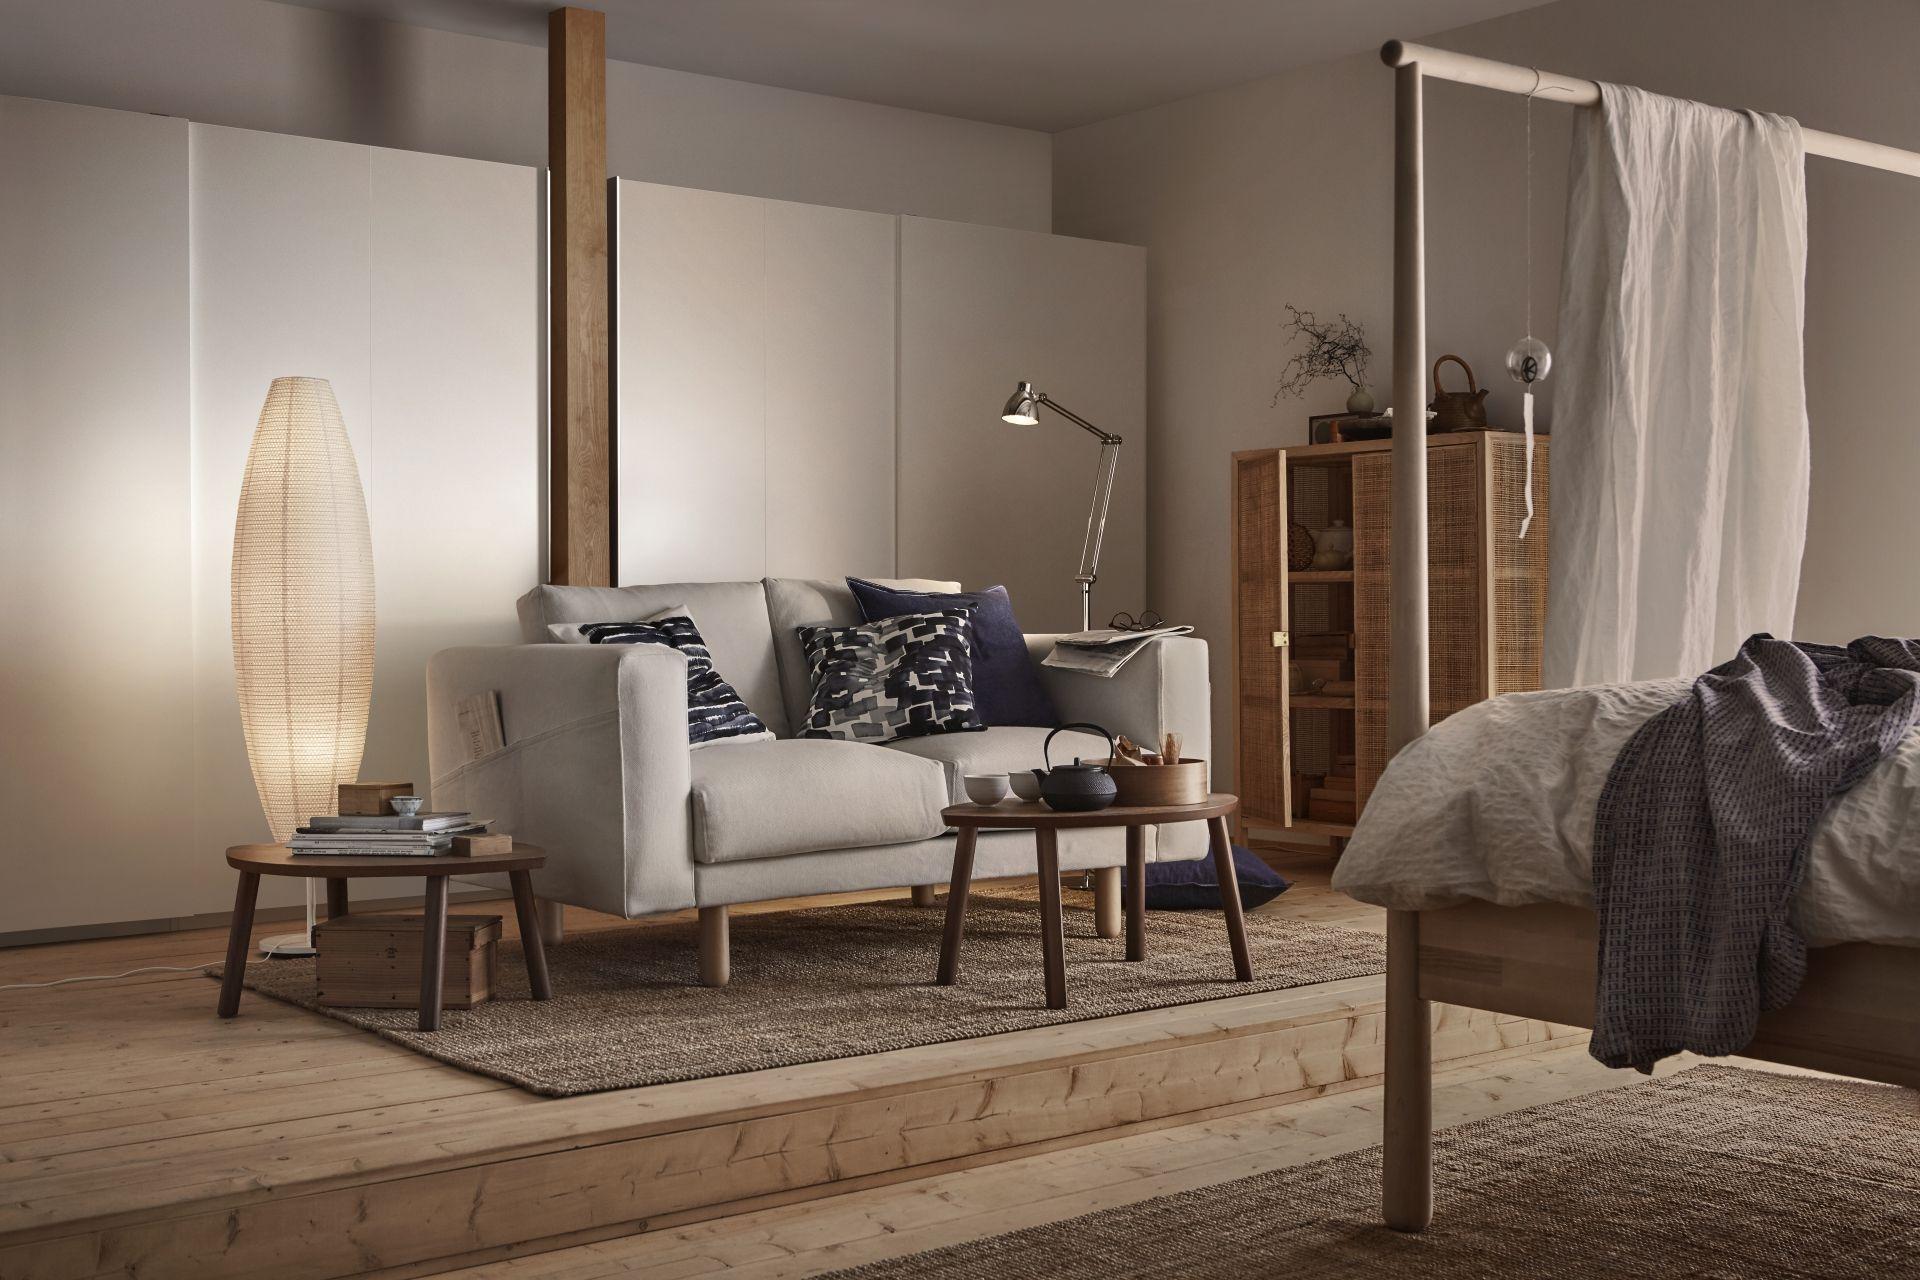 Woonkamer Staande Lamp : Staande lamp slaapkamer smalle staande hoge lamp slaapkamer in